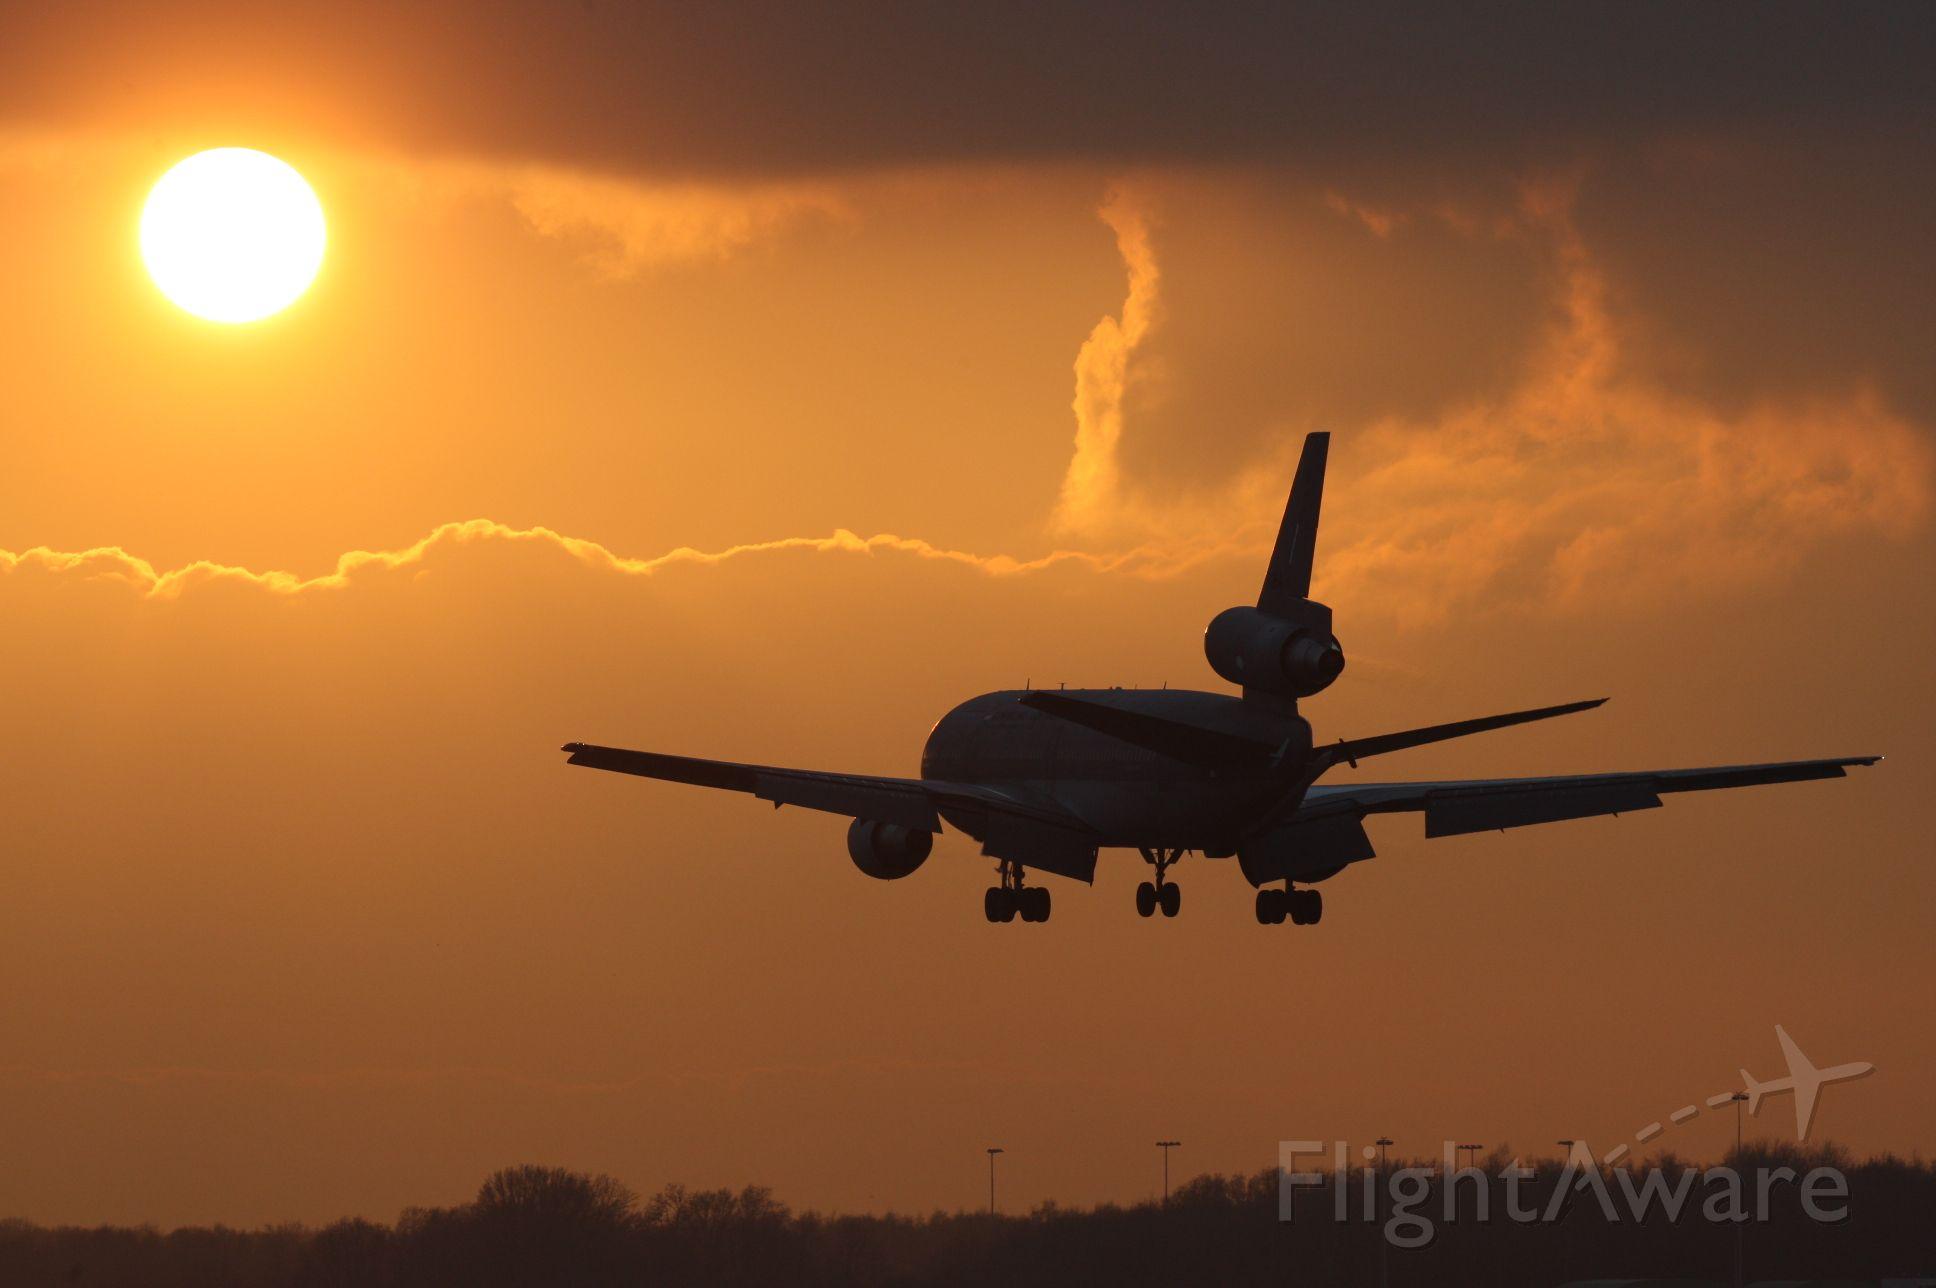 T235 — - Dutch AF KDC-10 landing at indhoven AB during sunset